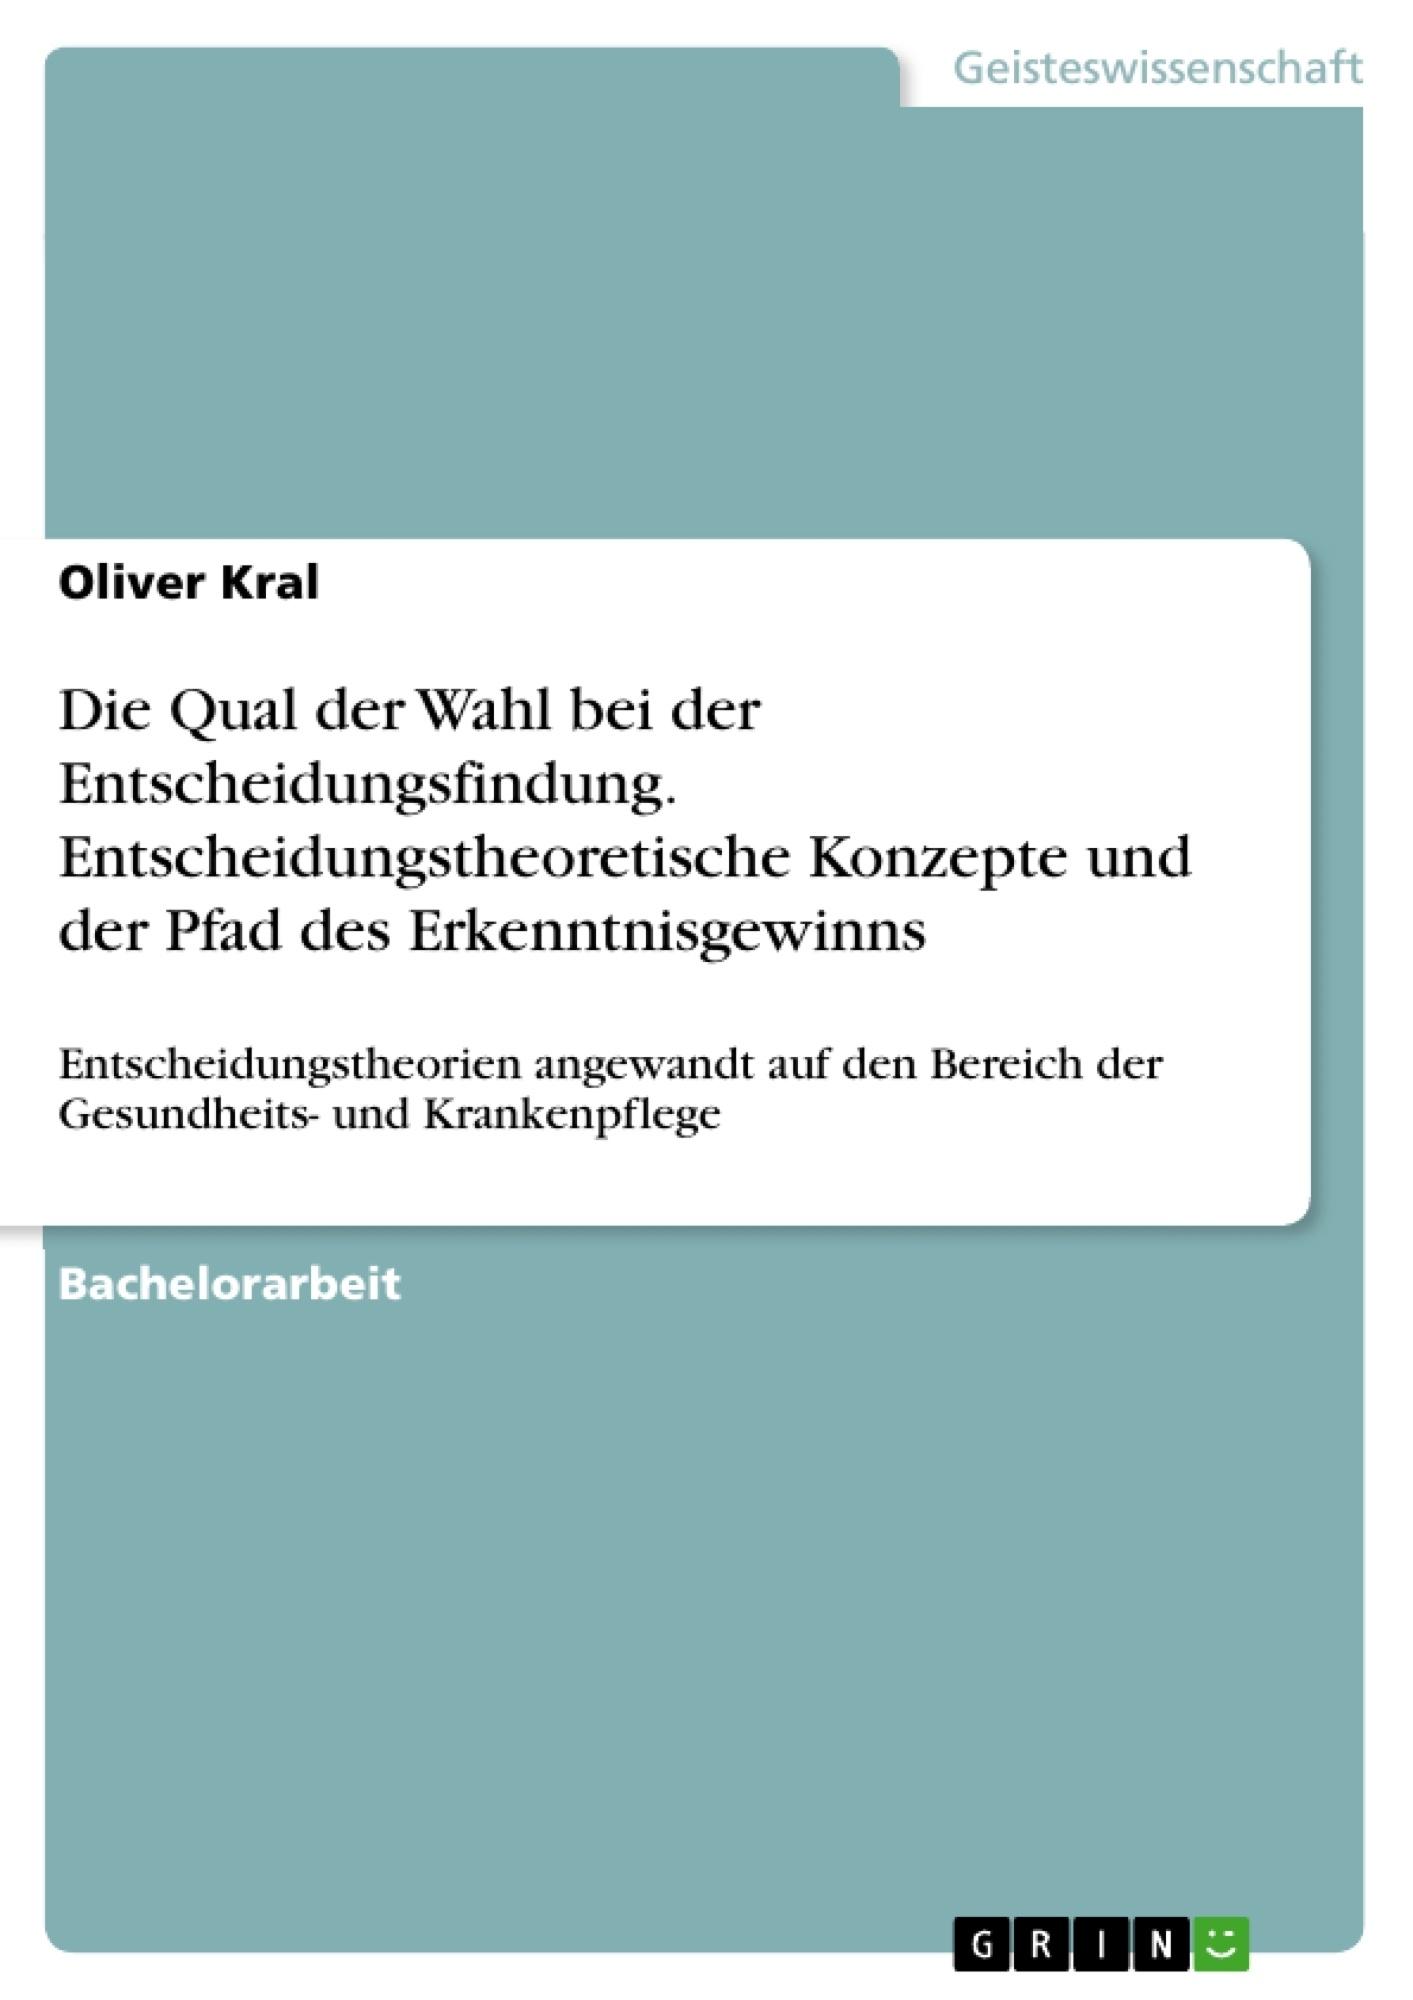 Titel: Die Qual der Wahl bei der Entscheidungsfindung. Entscheidungstheoretische Konzepte und der Pfad des Erkenntnisgewinns